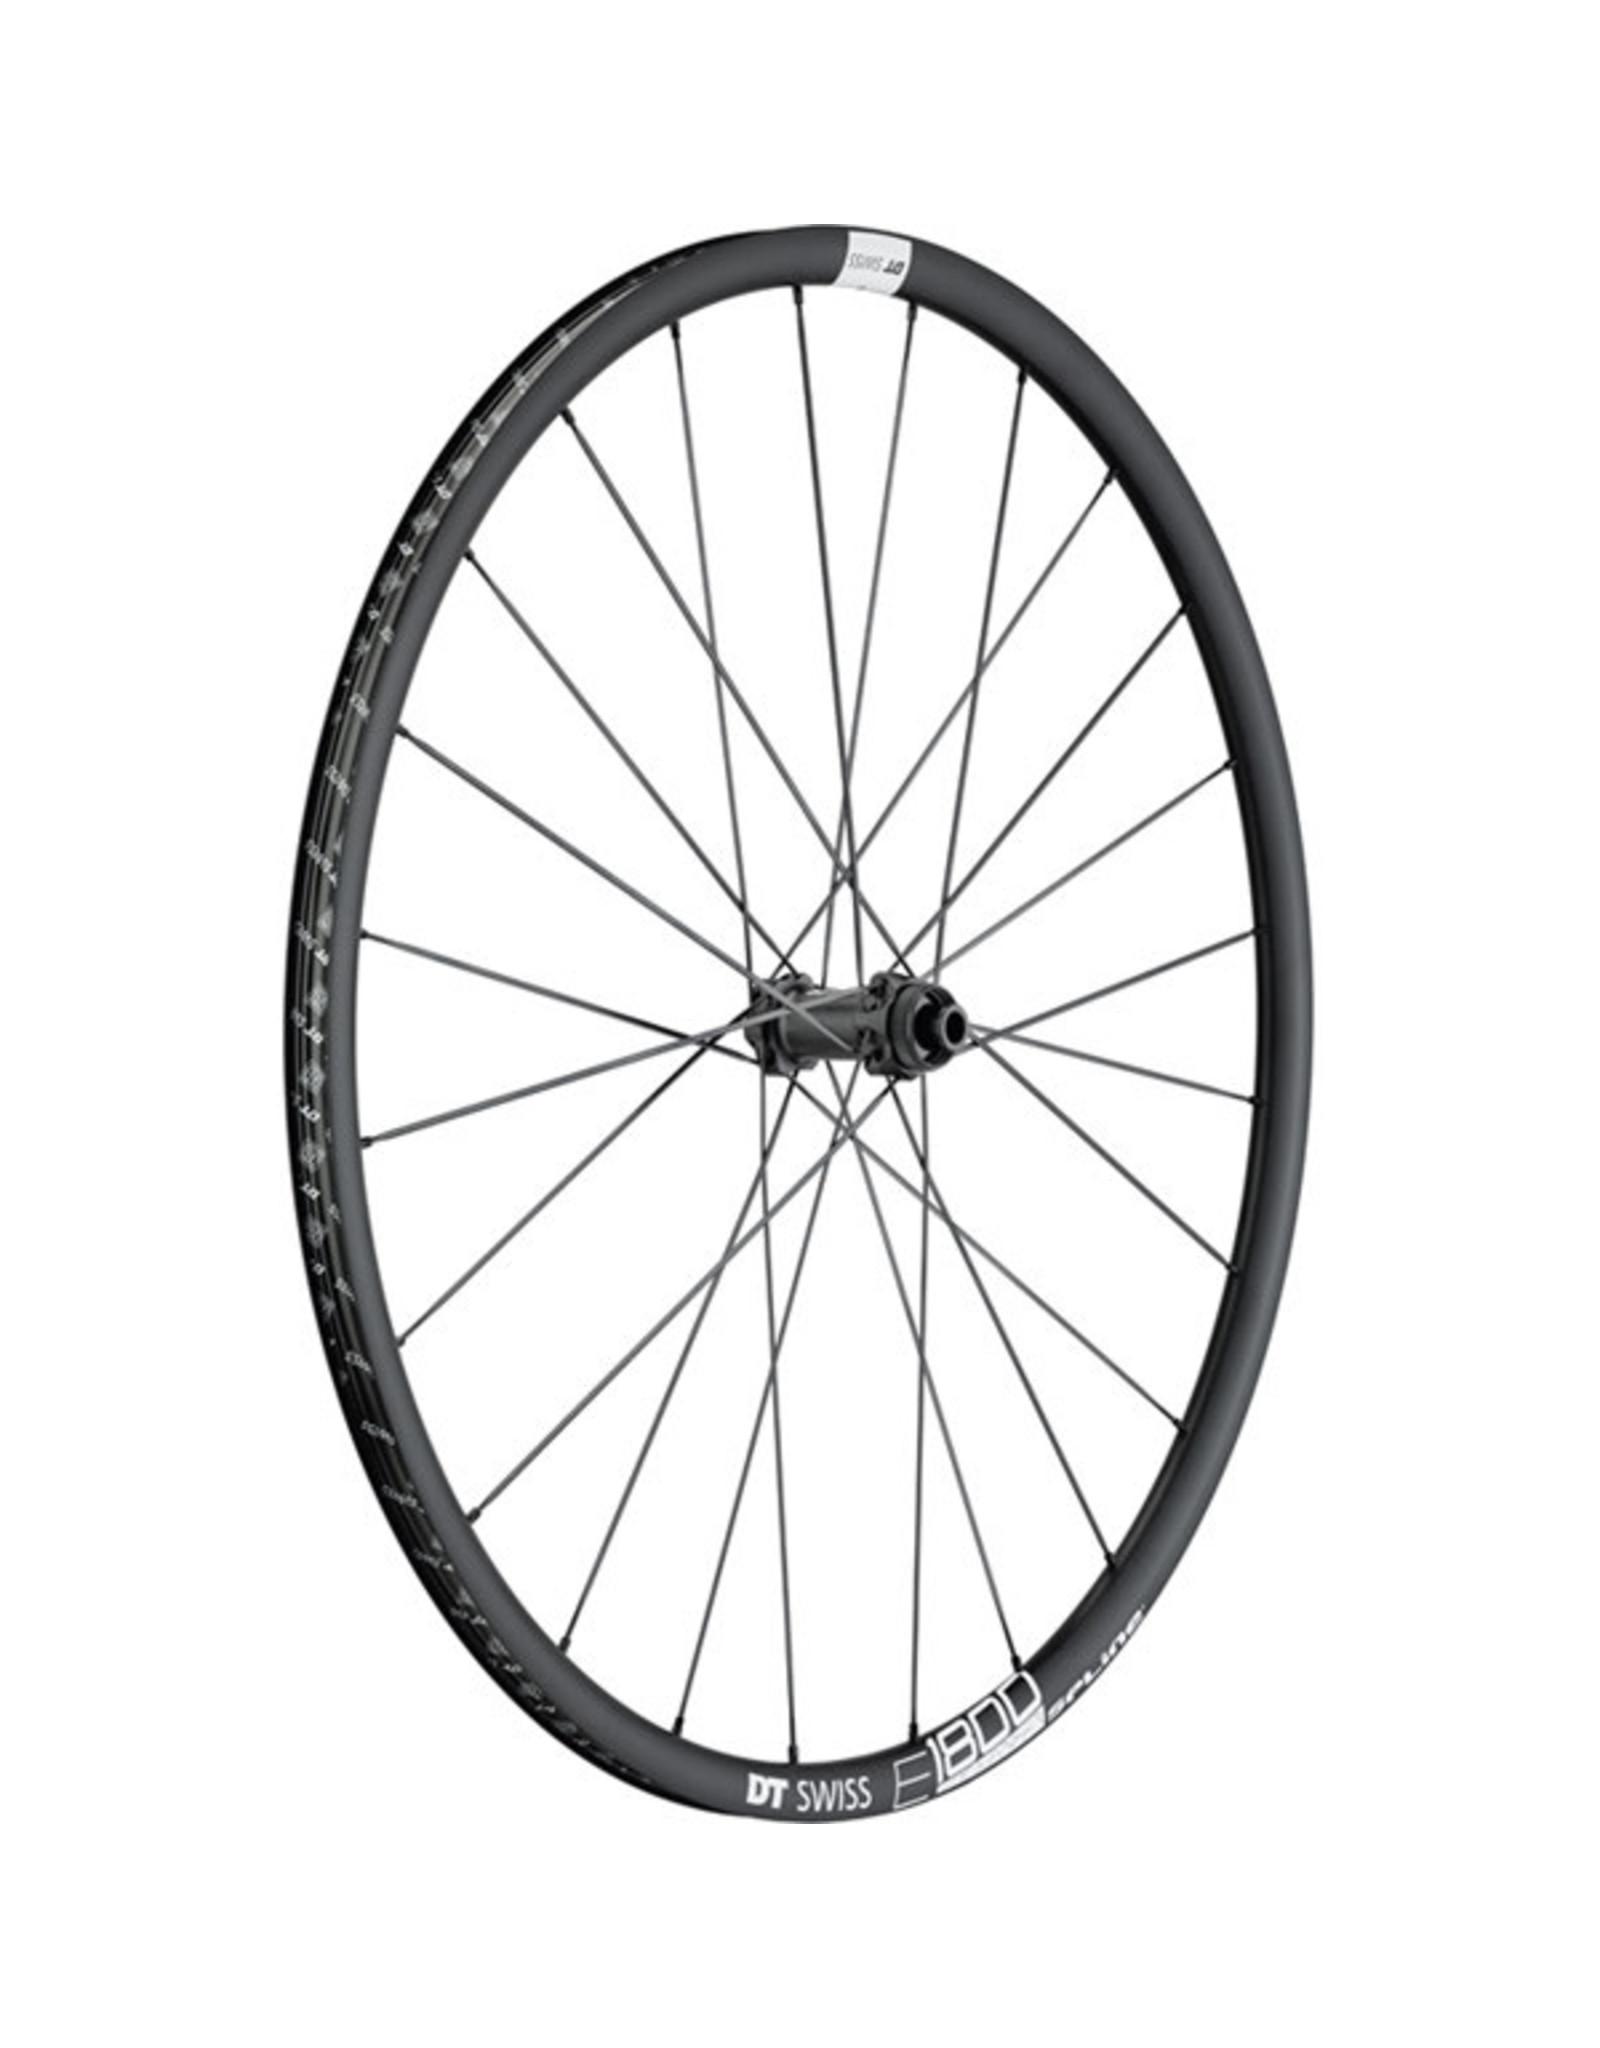 DT Swiss Wheel Disc Brake E 1800